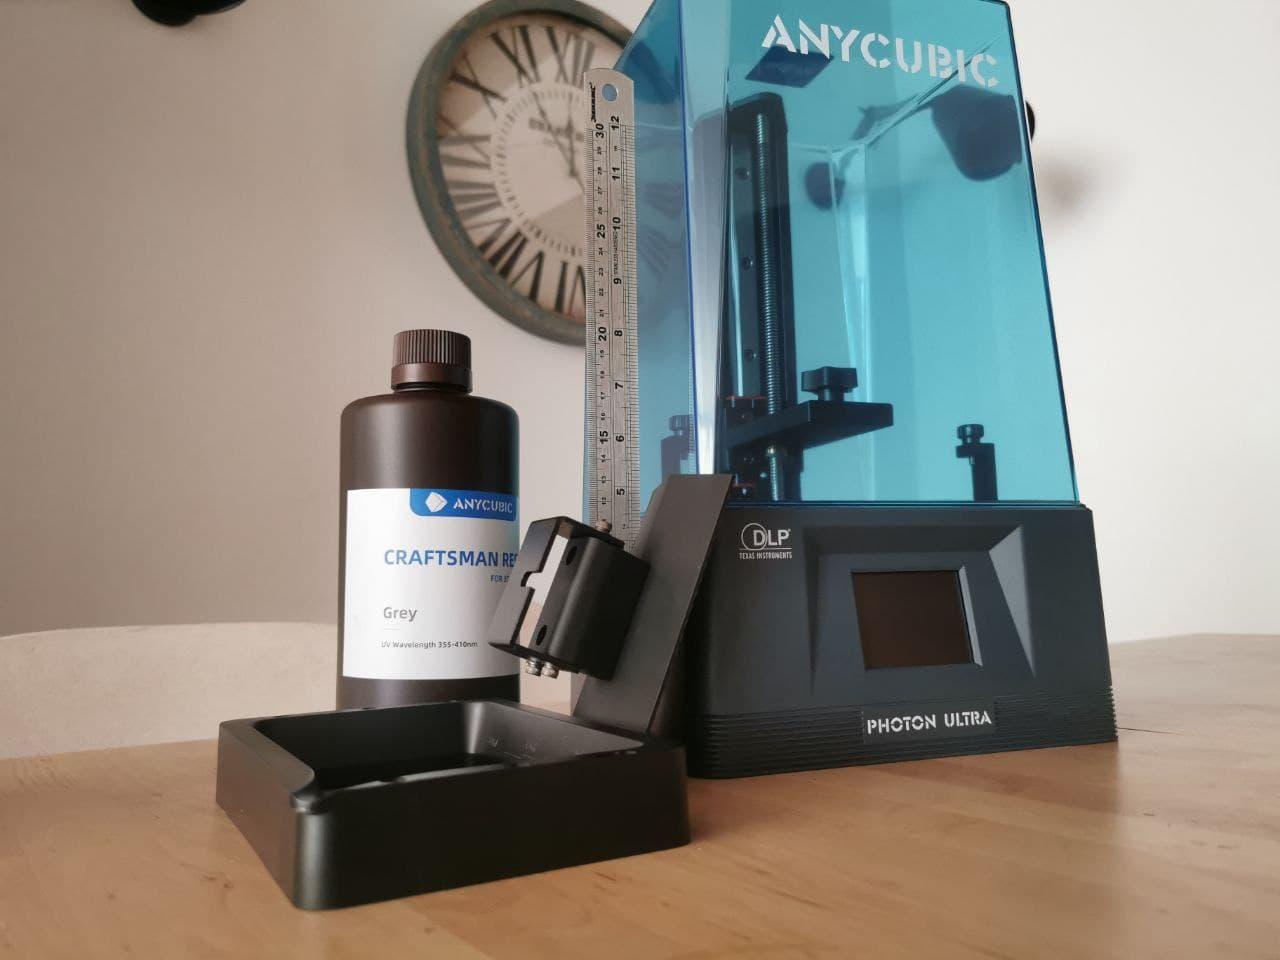 Anycubic Photon Ultra, la impresora 3D DLP de resina que destaca en kickstarter